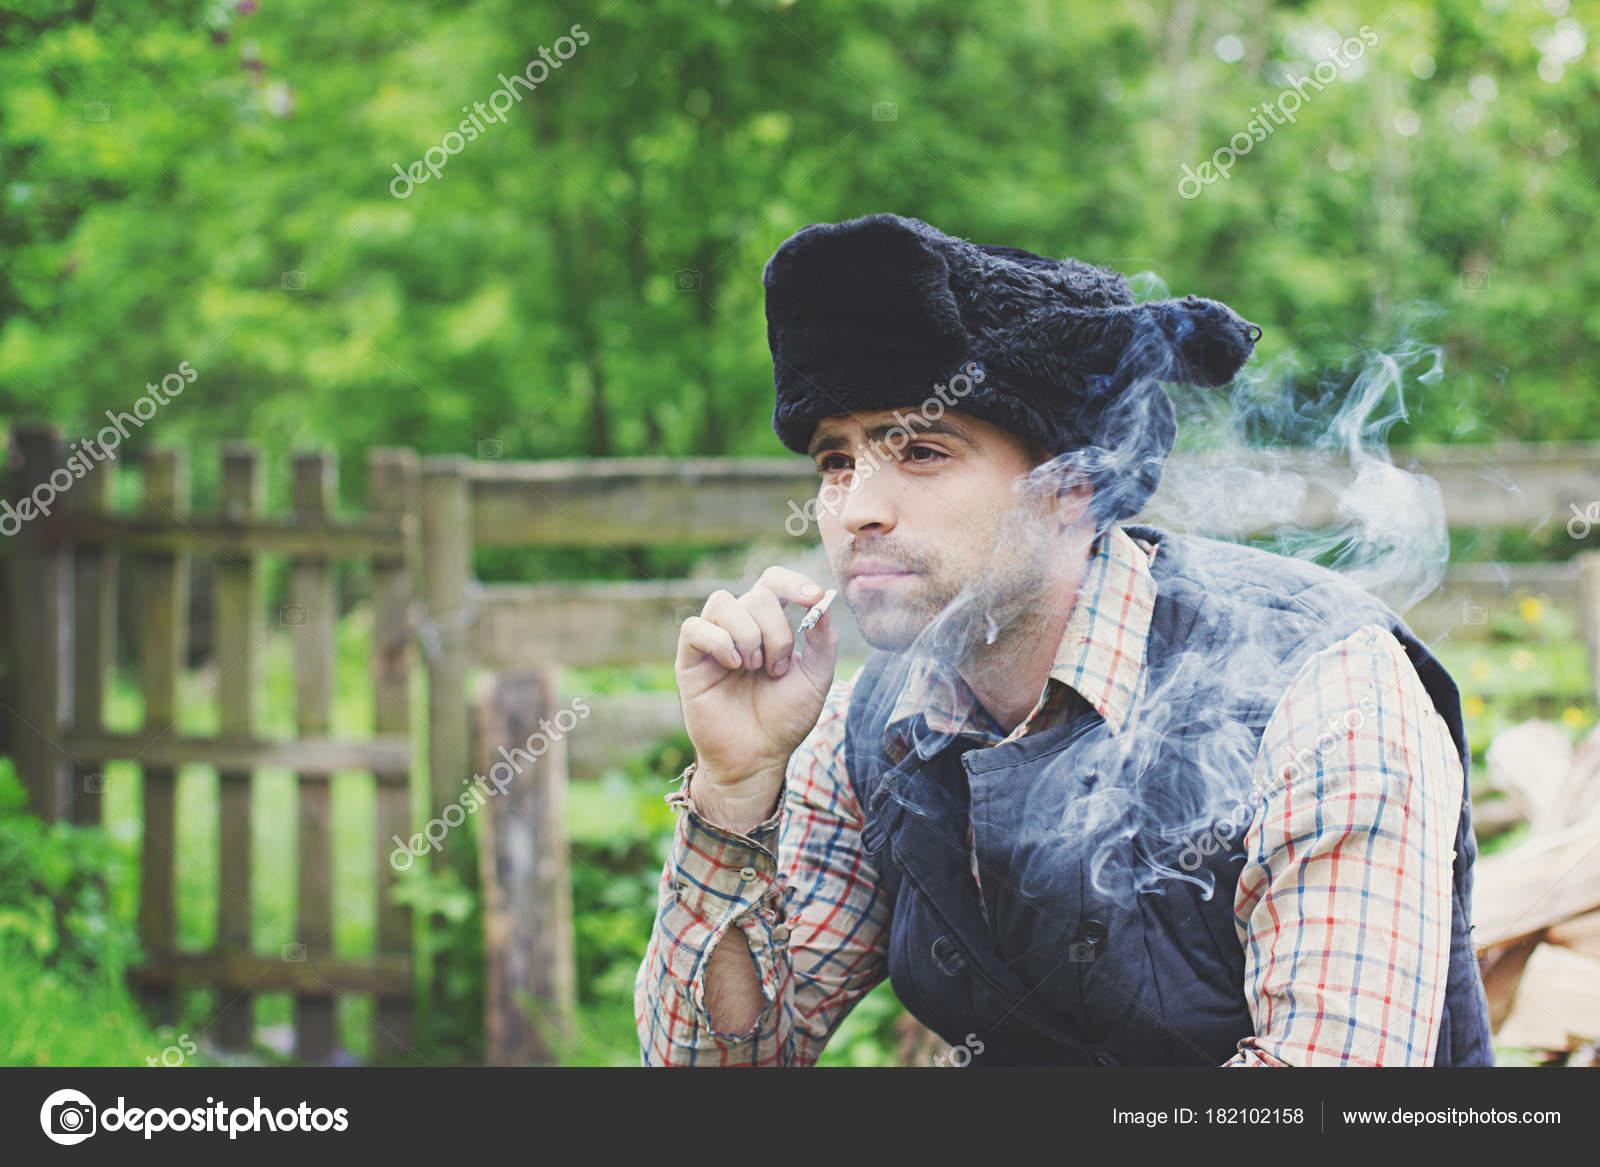 leñador en el sombrero — Fotos de Stock © solstudio  182102158 3bdc5985e49